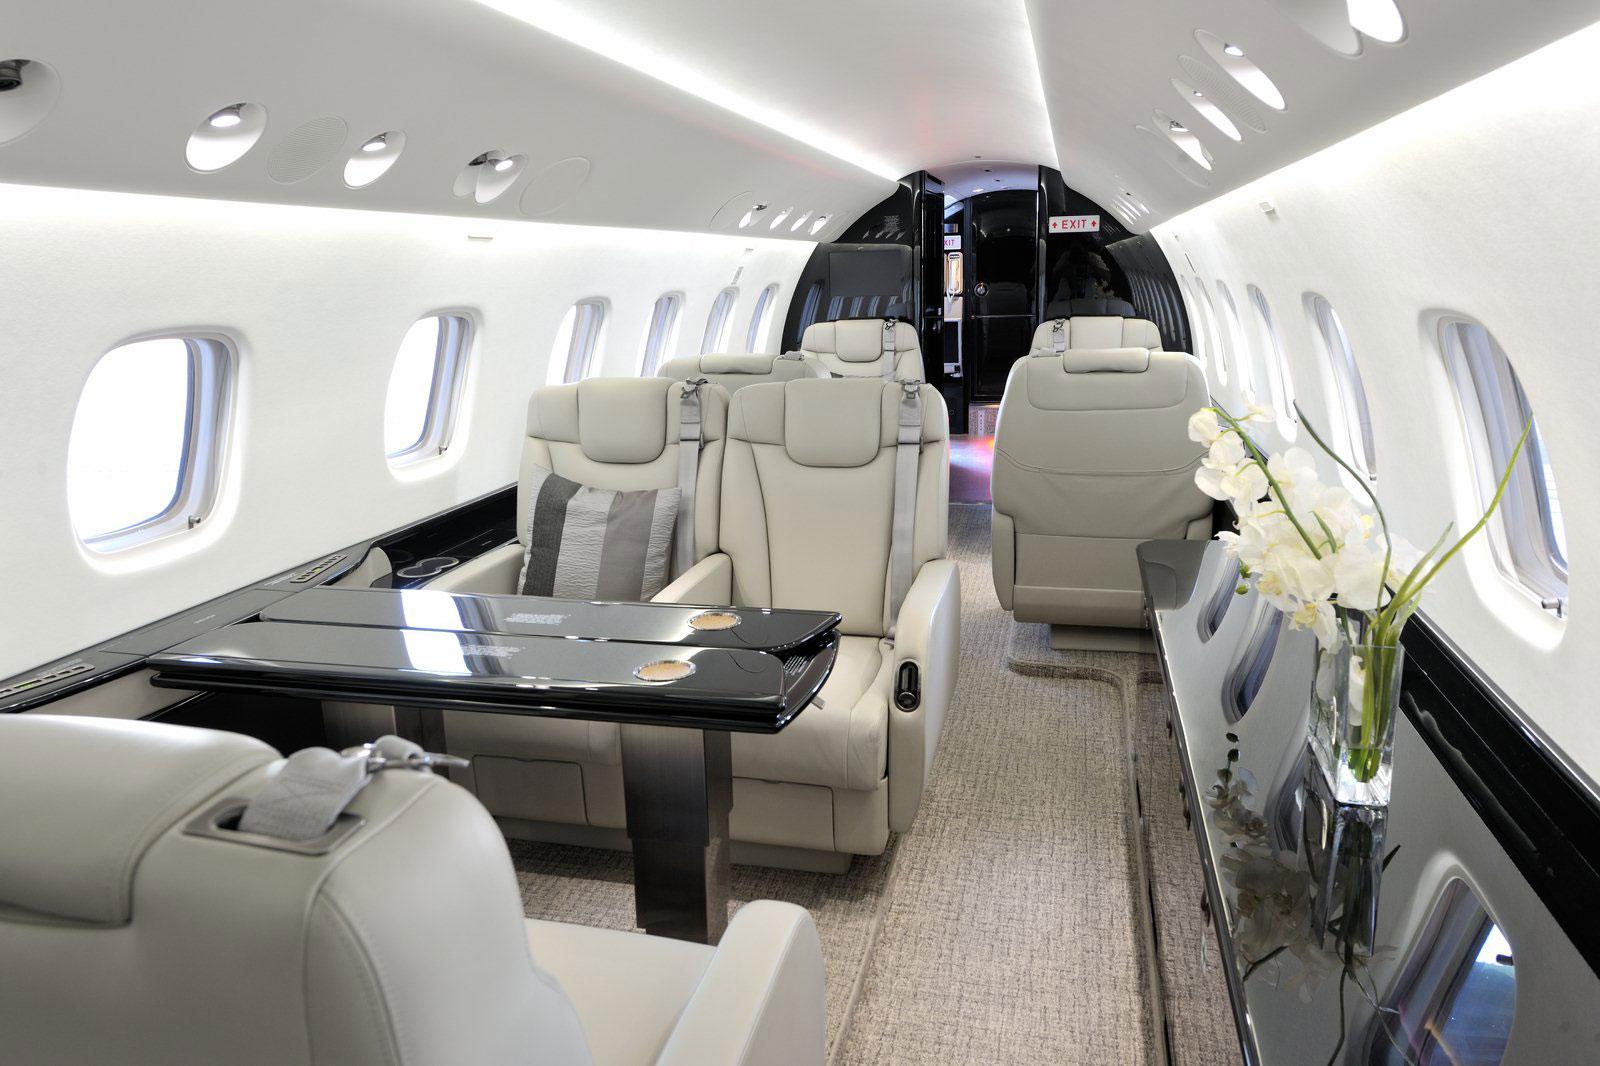 location jet priv je choisis un vol au meilleur prix. Black Bedroom Furniture Sets. Home Design Ideas